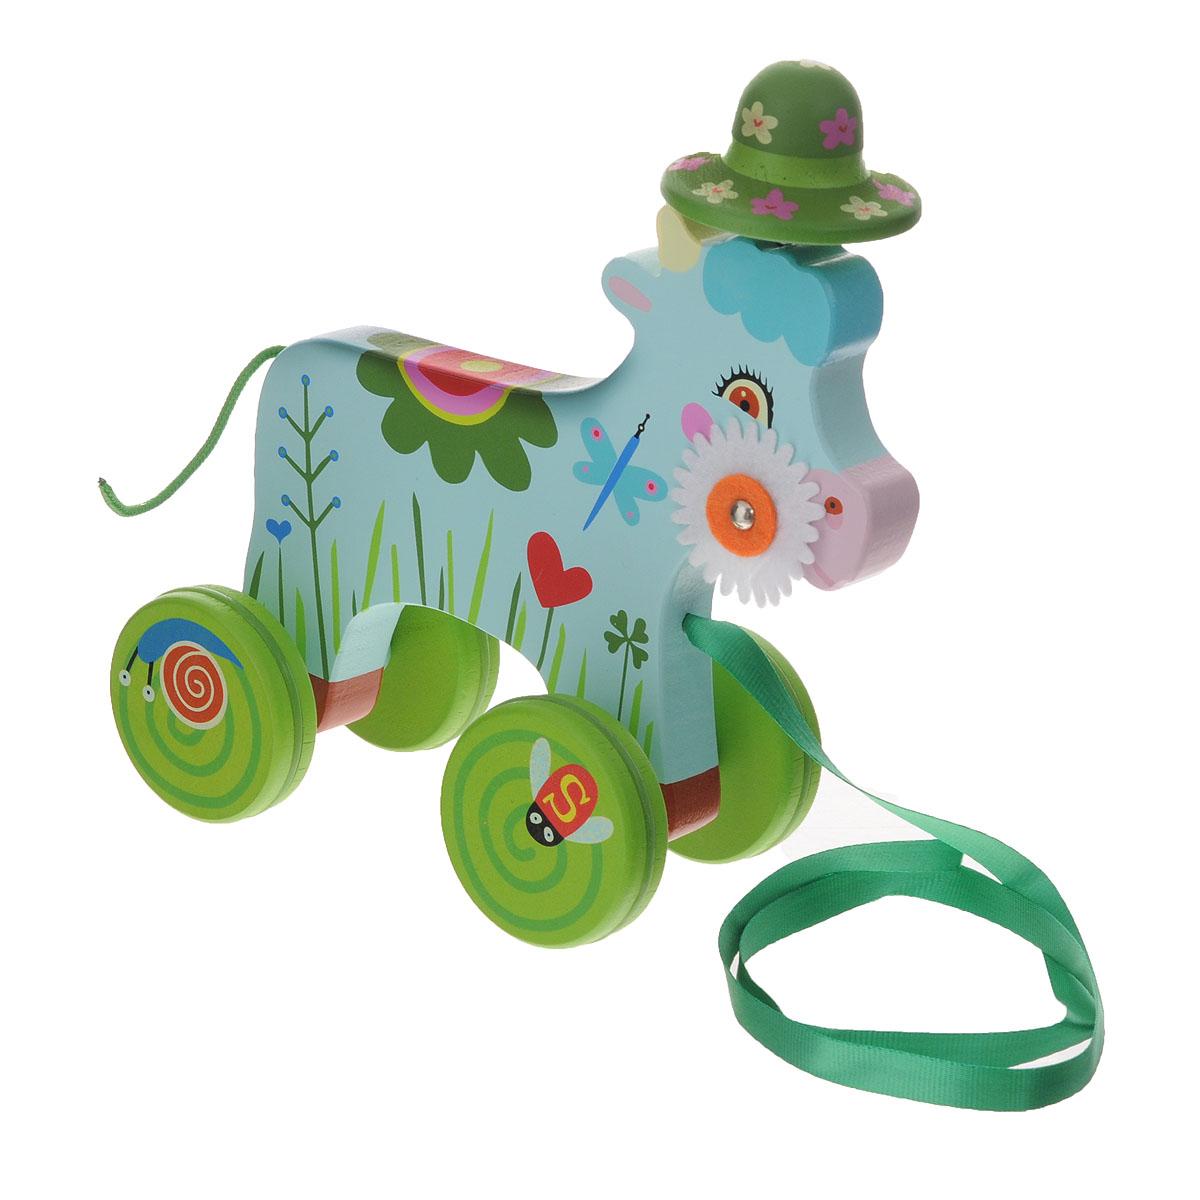 Djeco Деревянная игрушка-каталка Корова06229Деревянная игрушка-каталка Djeco Корова непременно понравится вашему малышу и подойдет для игры как дома, так и на свежем воздухе. Она выполнена из дерева с использованием нетоксичных красок в виде забавной коровки со шляпкой на металлической пружинке и текстильным хвостиком-шнурком. Края игрушки закруглены, чтобы избежать вероятности травмирования. Сбоку мордашки коровки расположен текстильный цветочек, который малыш сможет вращать. Каталка оснащена четырьмя колесиками, оформленными веселыми картинками. К коровке прикреплена лента, благодаря которой малыш сможет возить игрушку за собой. Игрушка-каталка Djeco Корова развивает пространственное мышление, цветовое восприятие, ловкость, равновесие и координацию движений. Контрастное оформление коровки стимулируют развитие координации глаз, учат следить за мелкими движущимися объектами.